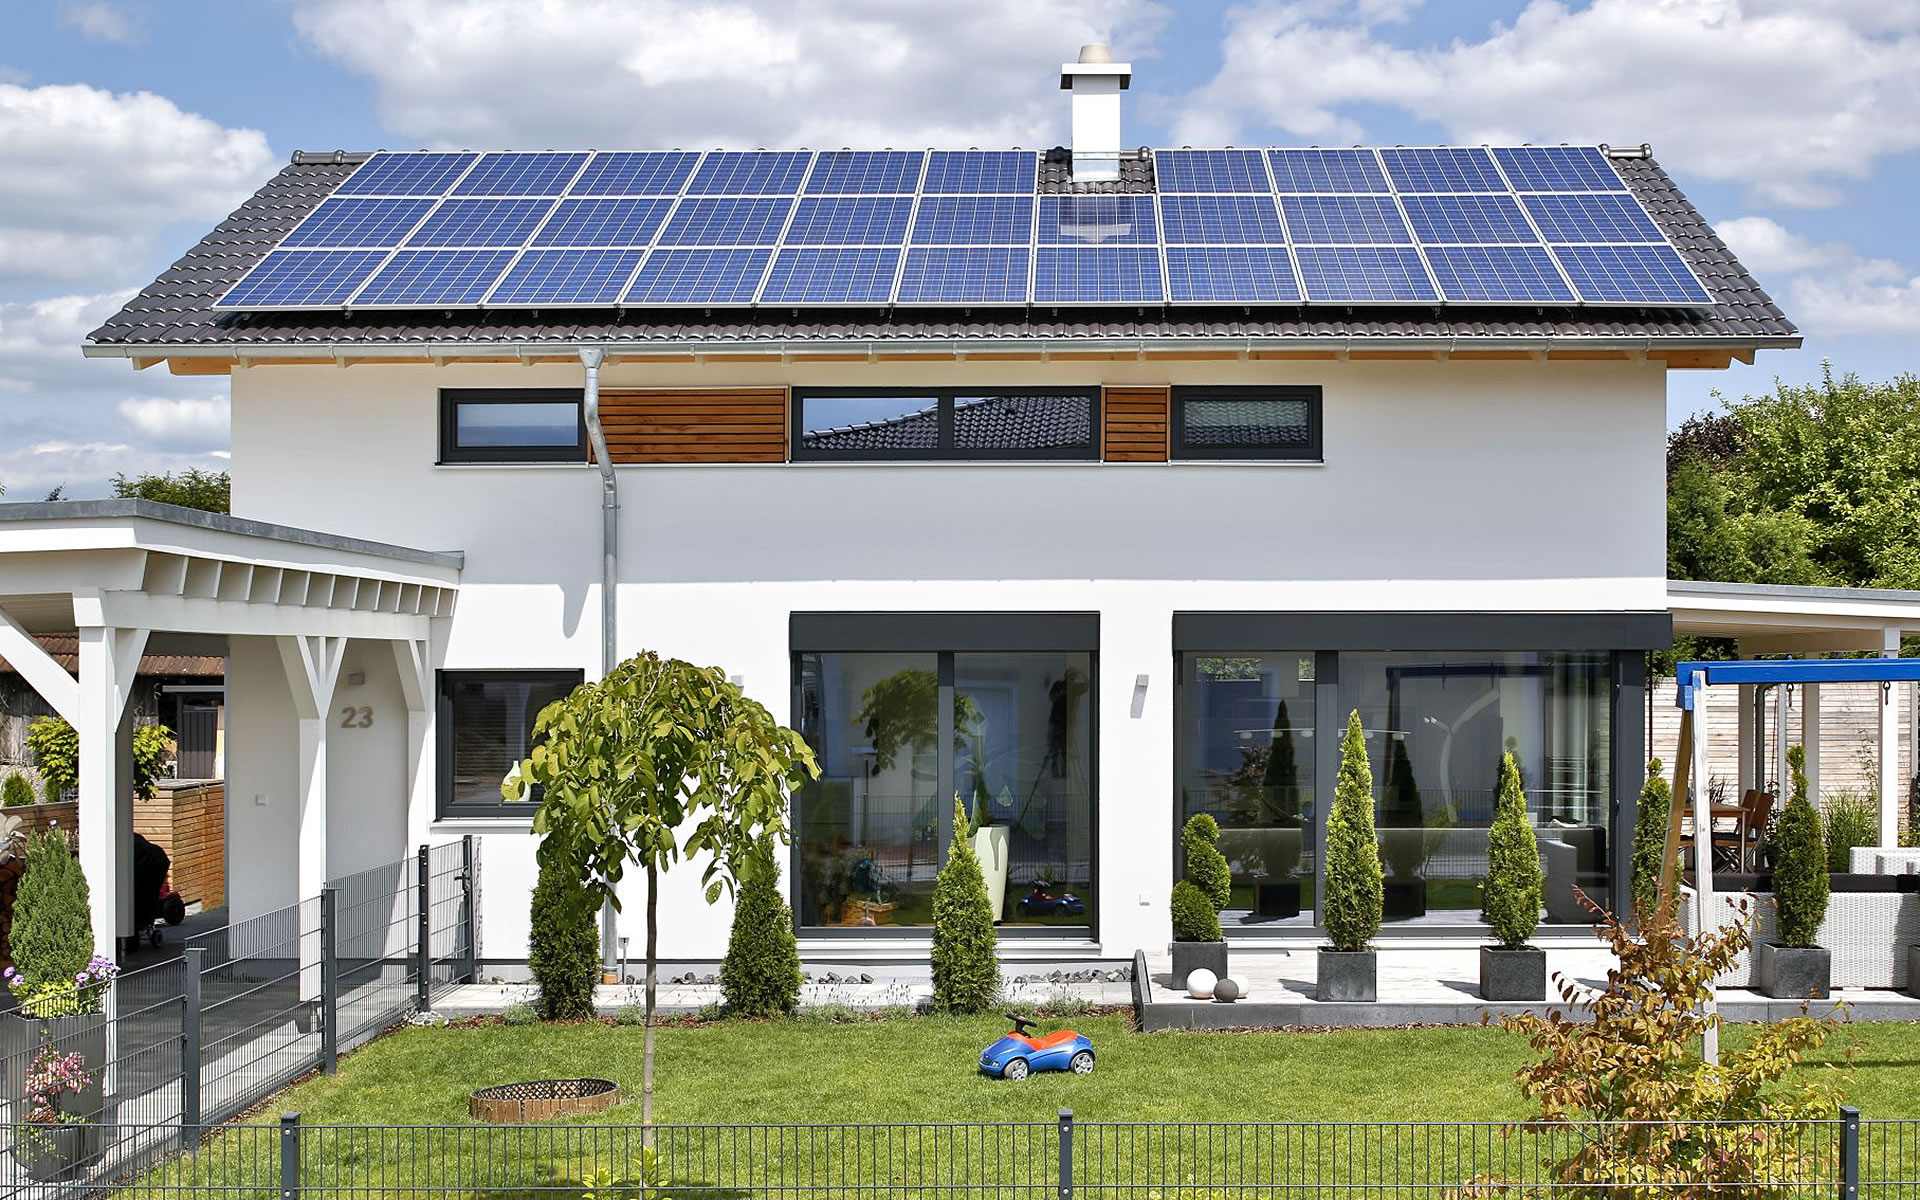 Bruckberg von Regnauer Hausbau GmbH & Co. KG